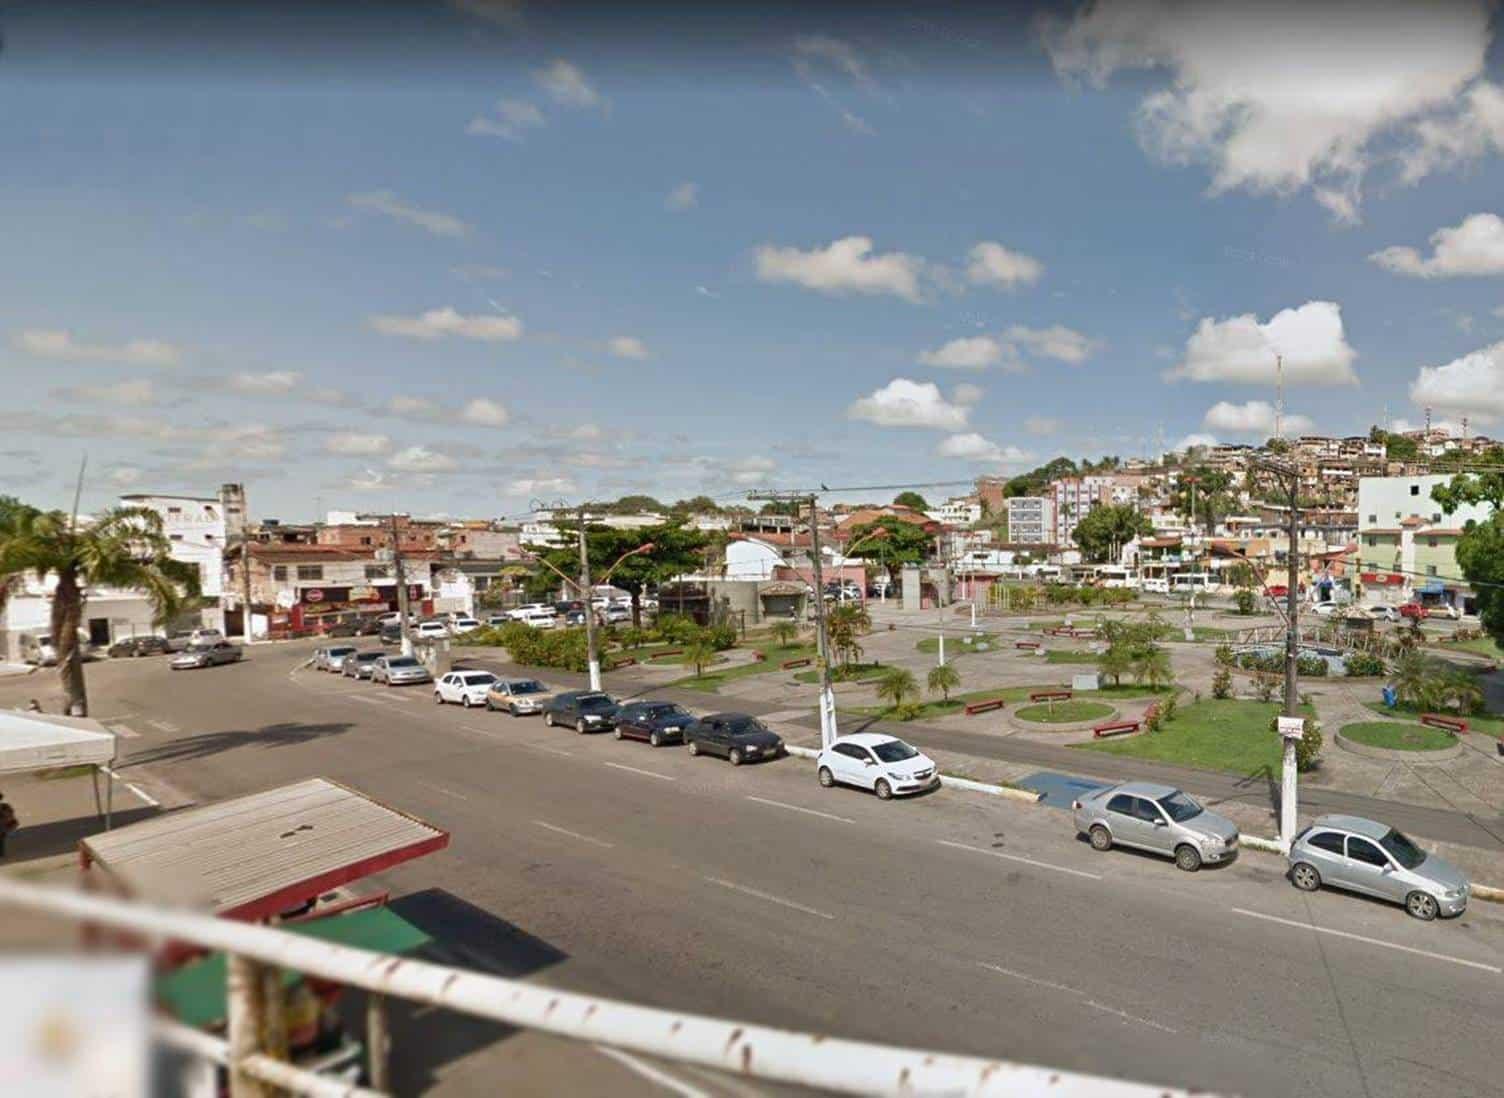 Mulher é encontrada morta em porta-malas de carro no Centro de Simões Filho, na BA.